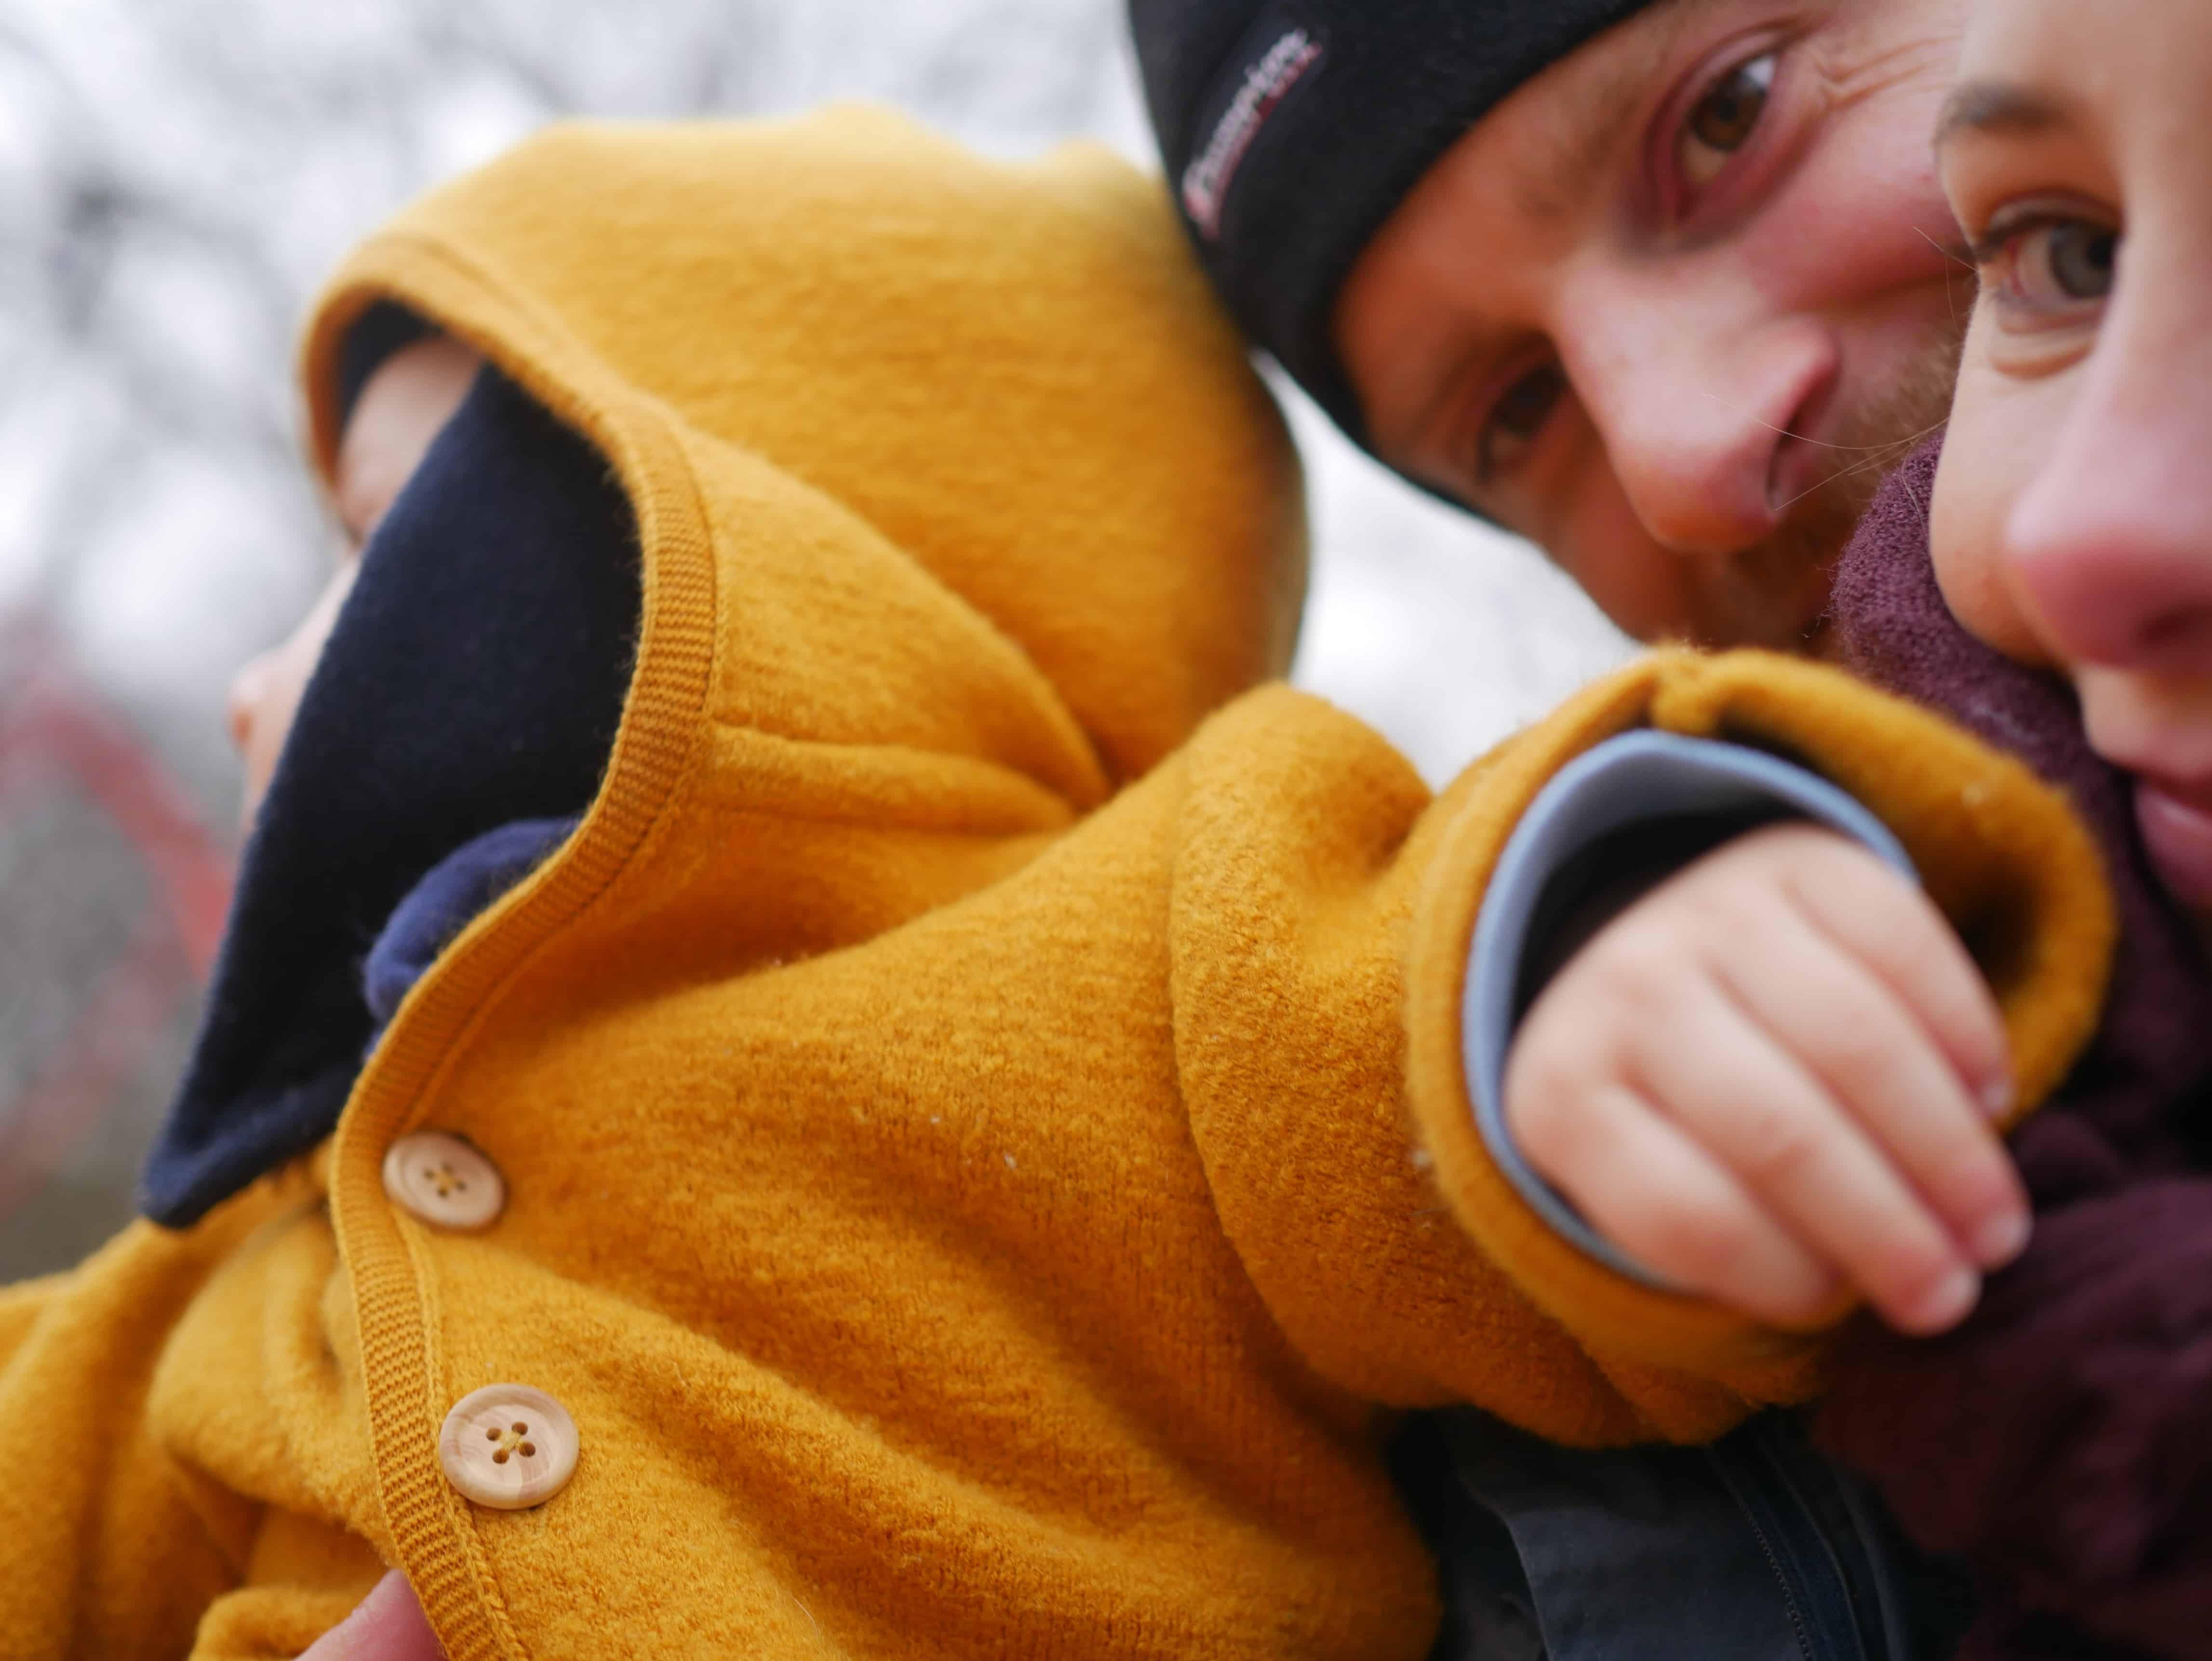 Auf dem Weg in die Selbständigkeit ist es entscheidend, dass deine Familie dein Vorhaben unterstützt